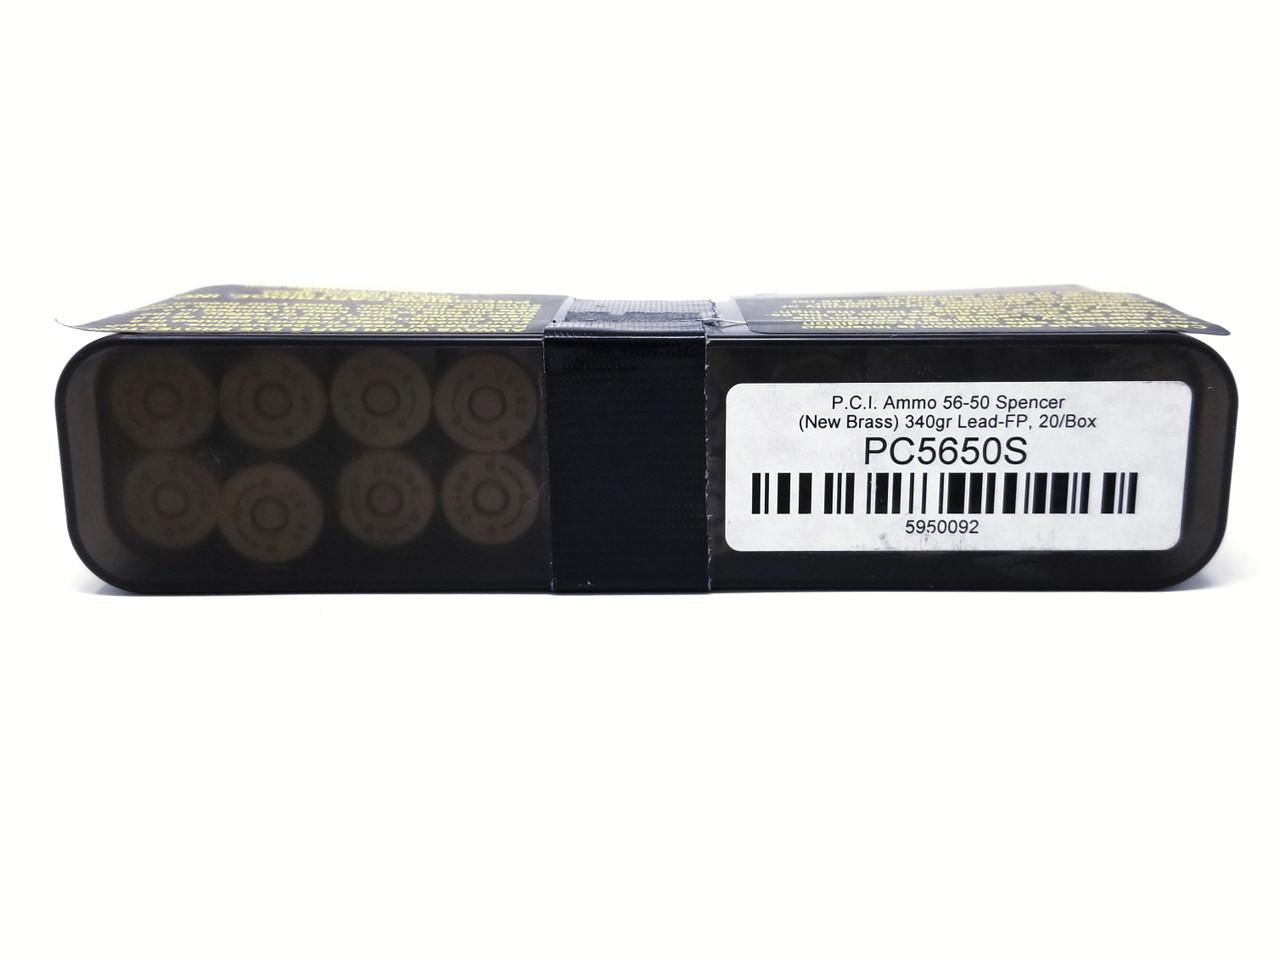 56-50 Spencer Ammo